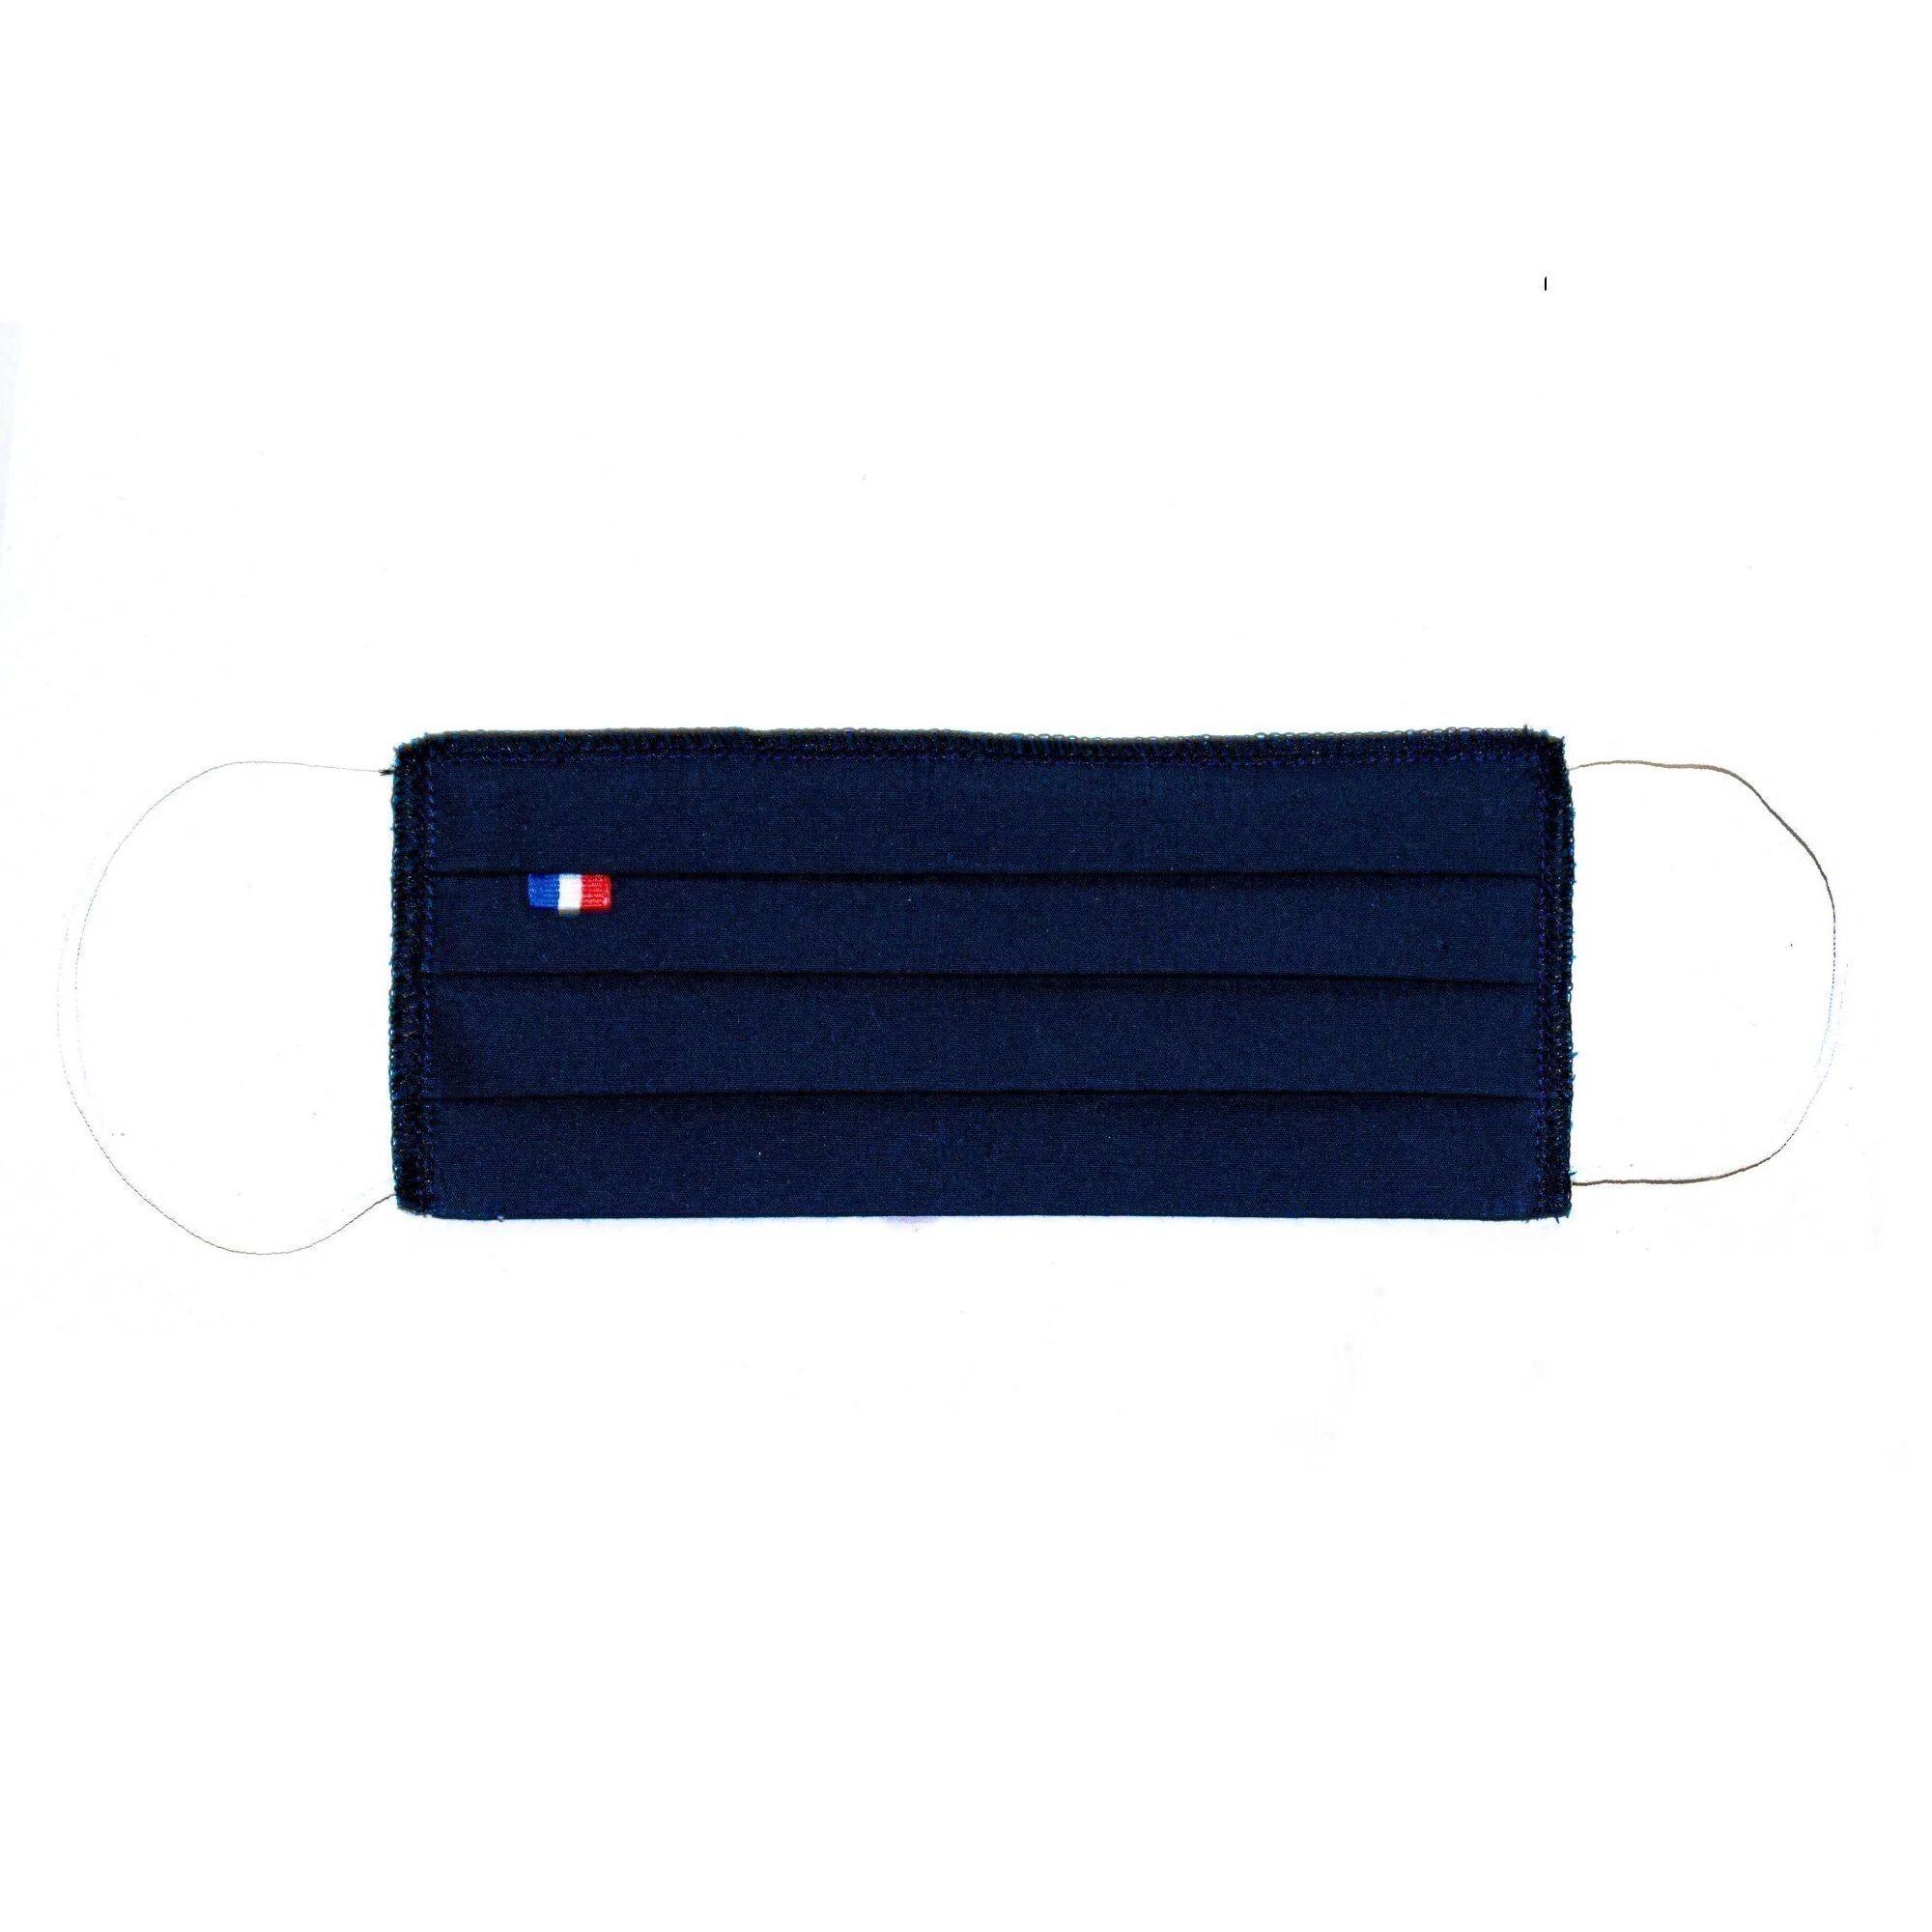 MASQUES DIRECT 5 Masques barrières 3 plis tissu lavable réutilisable bleu marine - testé 10 lavages